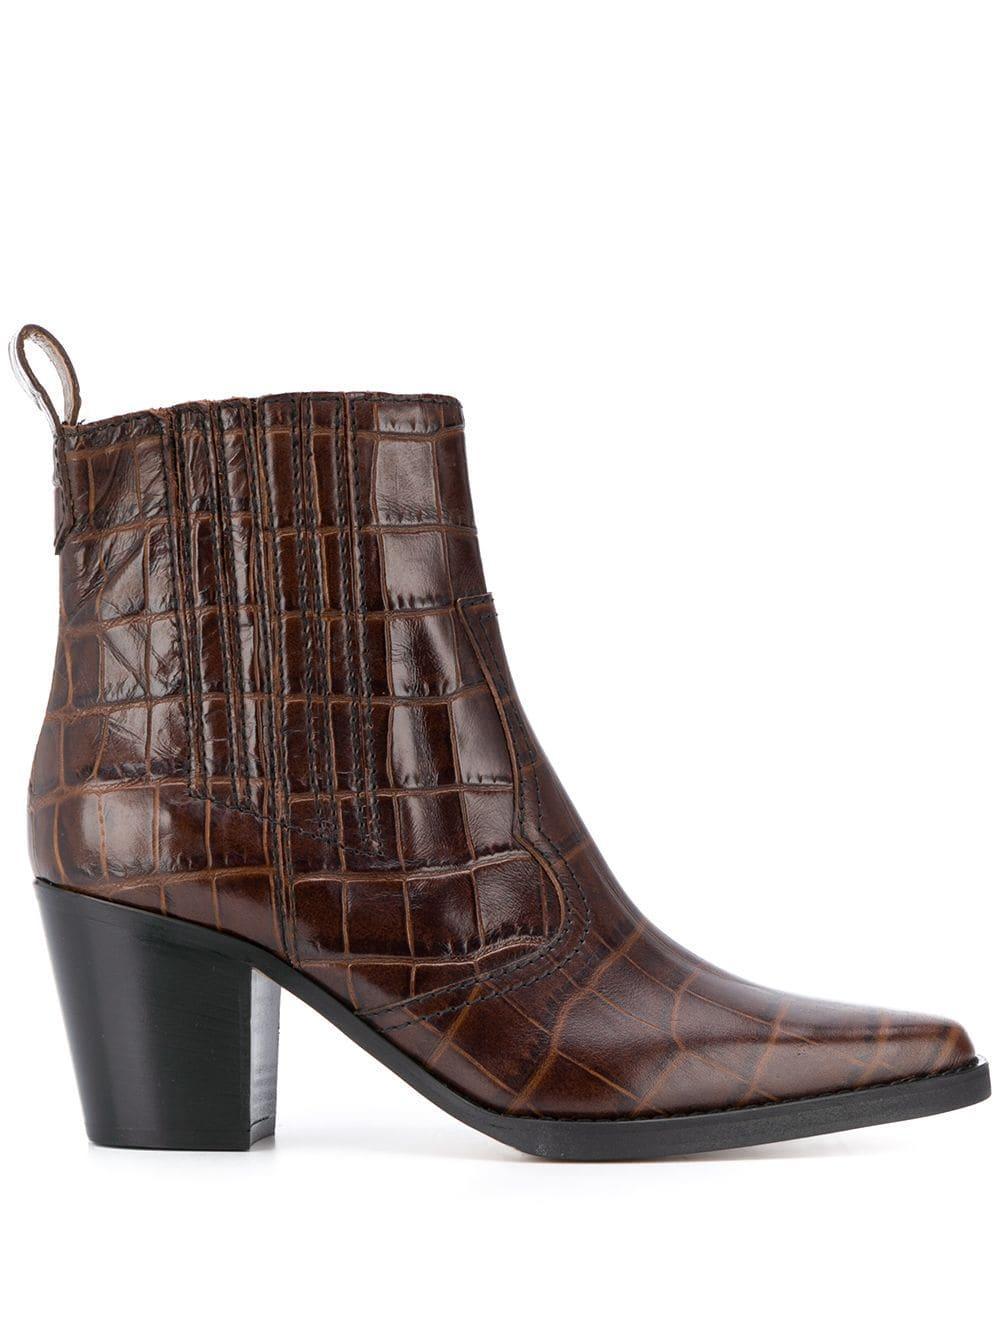 Western Croc Embroidery Block Heel Booties Item # S1025